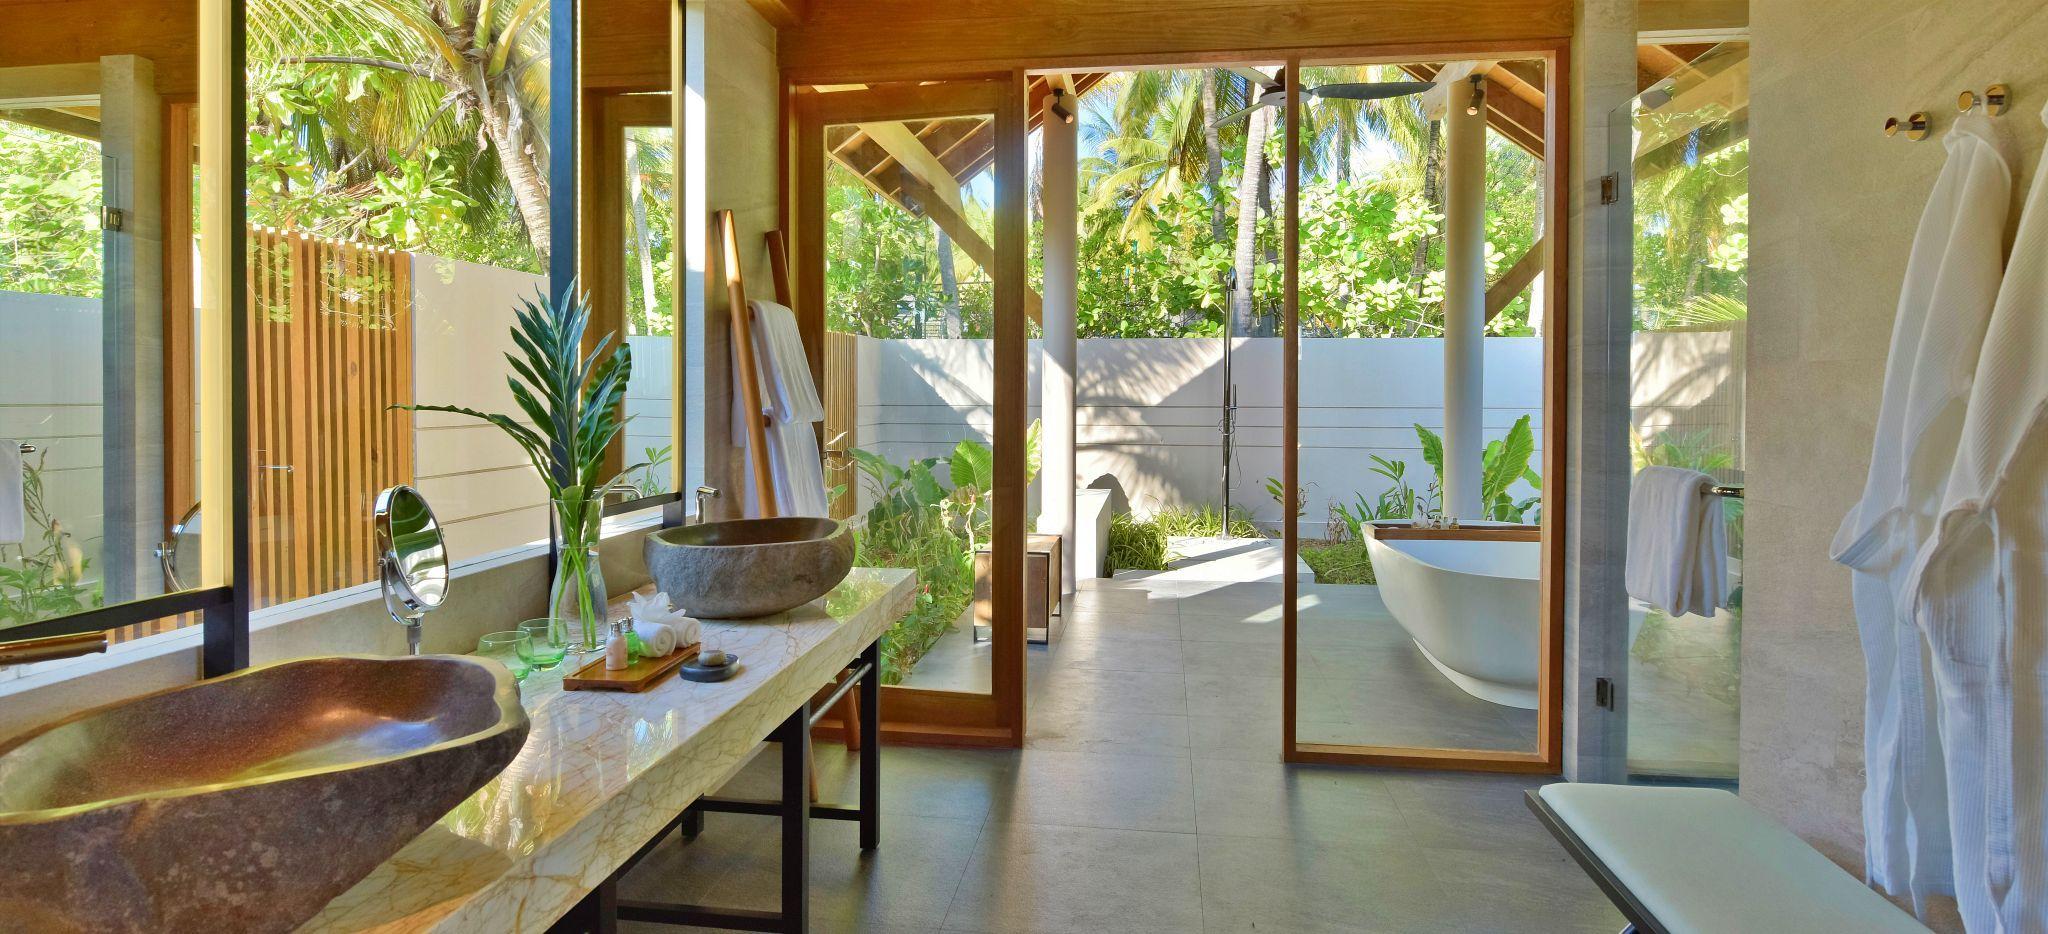 Luxuriöses Badezimmer im Hotel Faarufushi Maldives